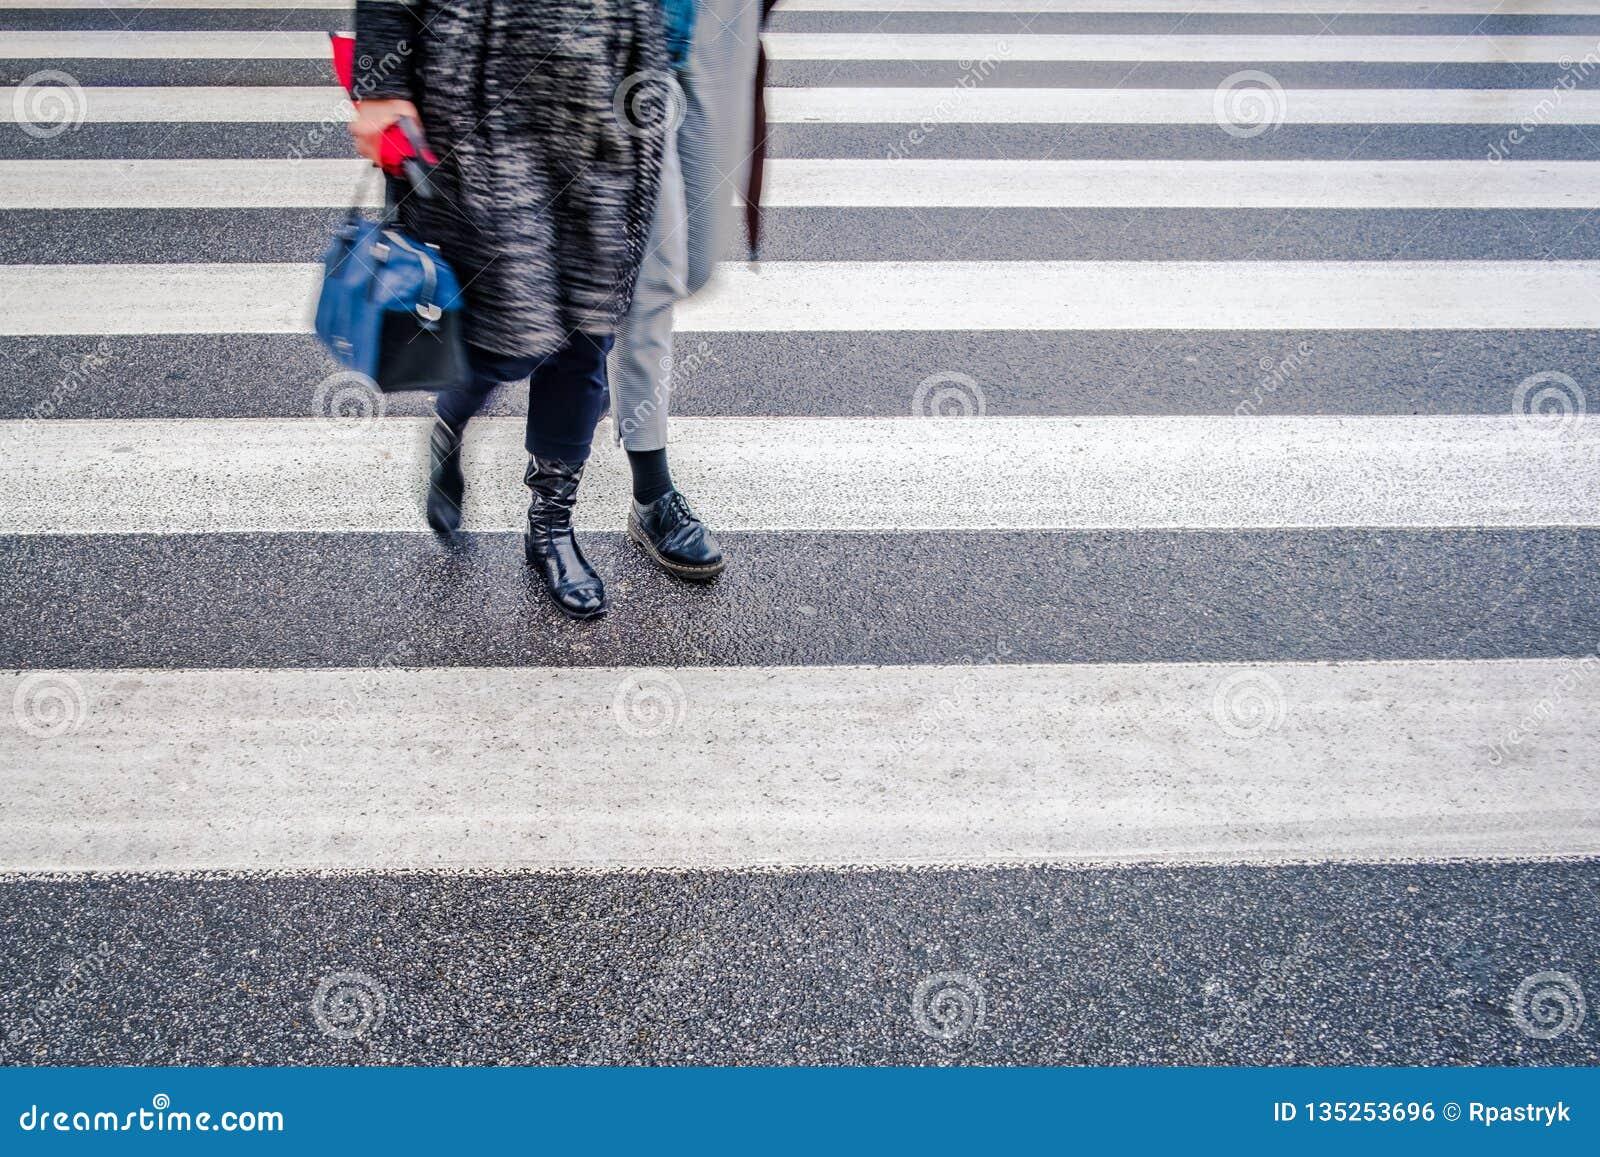 Twee onherkenbare personen in zwarte schoenen kruisen natte straat na regen op zebrapad, rode paraplu, parallelle lijnen